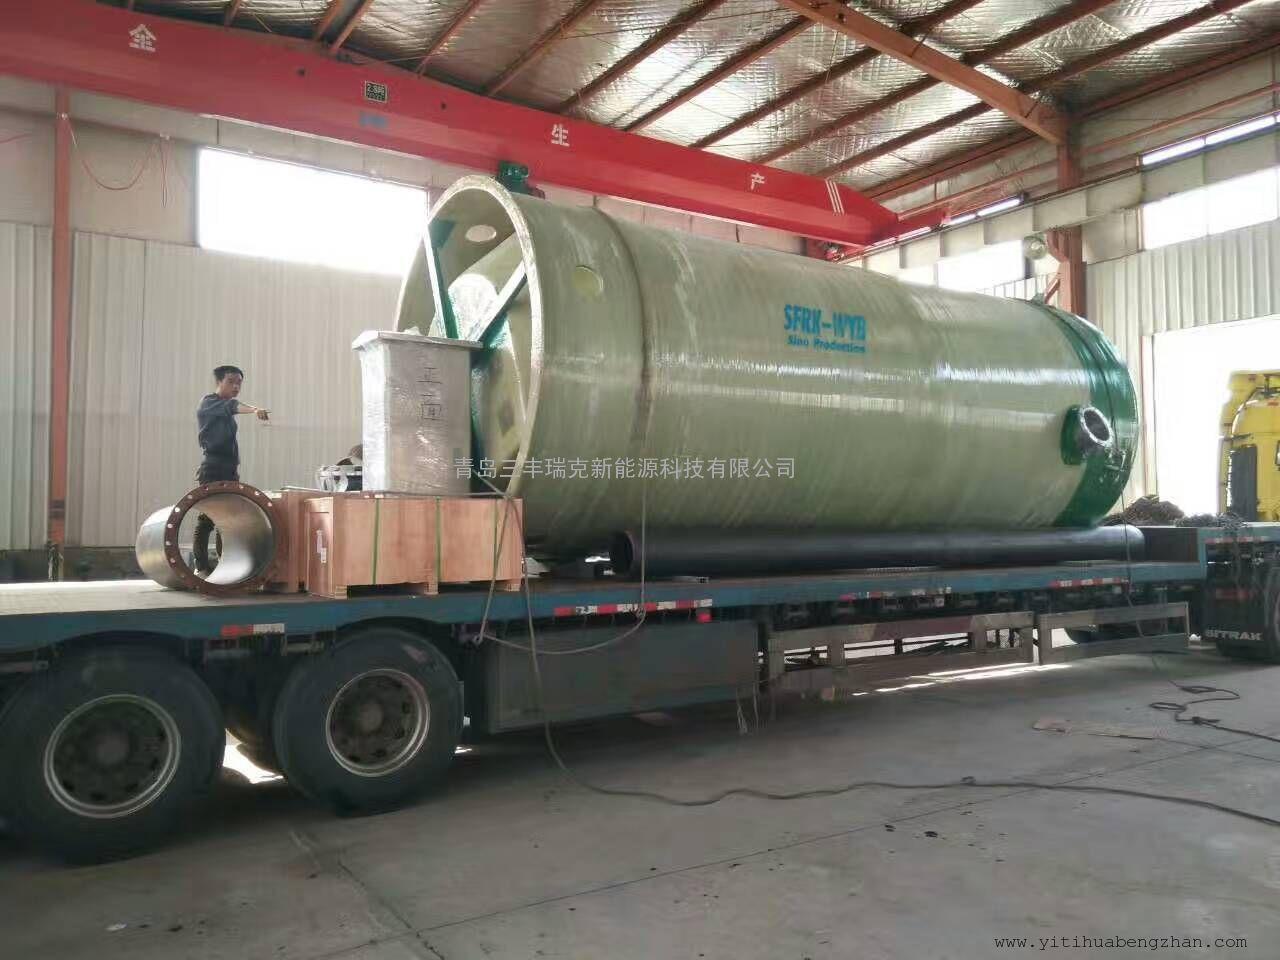 建德市寿昌镇一体化提升泵站-青岛三丰瑞克